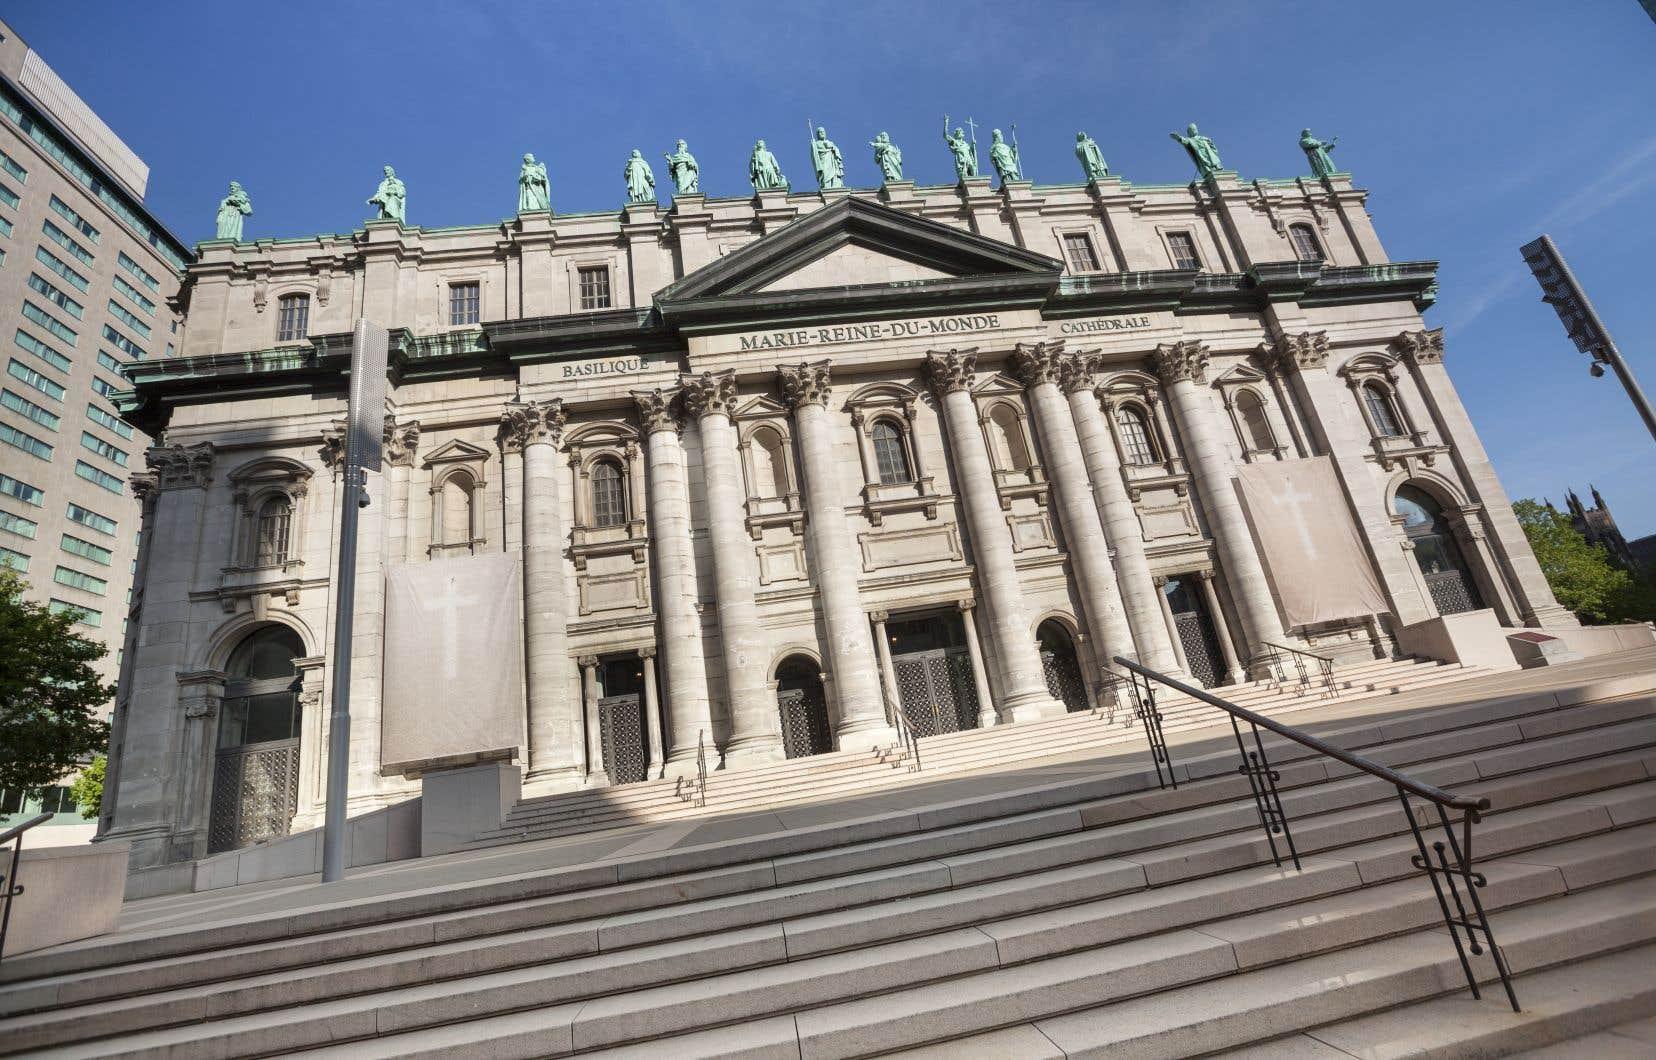 L'analyse des dossiers diocésains devrait permettre de mesurer avec plus d'acuité l'ampleur du phénomène de pédophilie au sein de l'archidiocèse de Montréal.